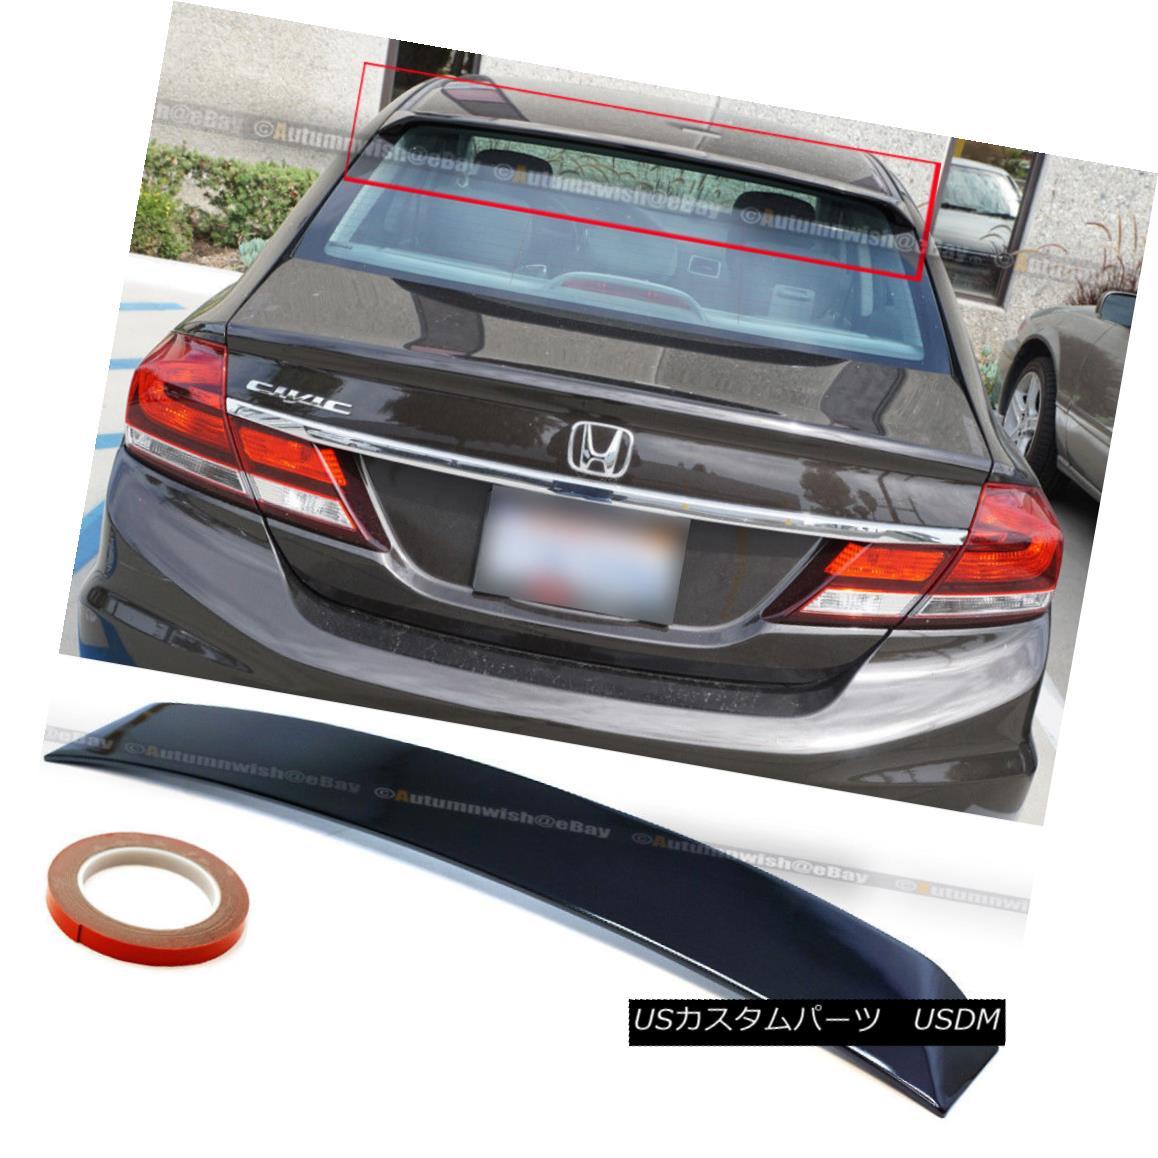 エアロパーツ For 06-15 Civic 4DR Painted Glossy Black ABS Rear Window Roof Wing Spoiler Visor 06-15シビック4DR塗装光沢ブラックABSリアウィンドウルーフウイングスポイラーバイザー